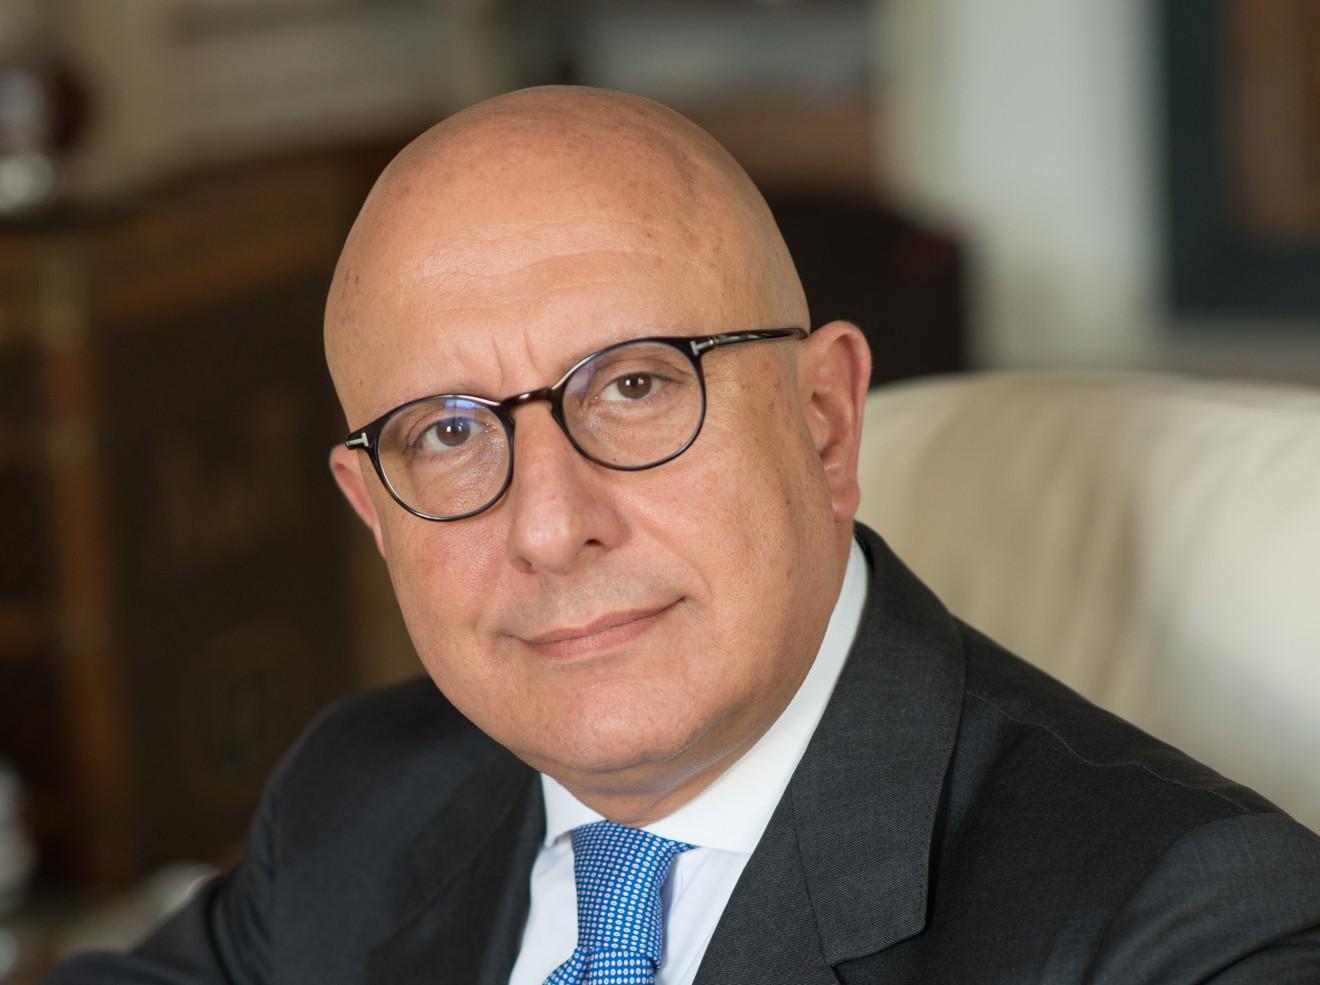 Foto di Gaetano Armao - candidato alla vicepresidenza con musumeci alle elezioni regionali in sicilia